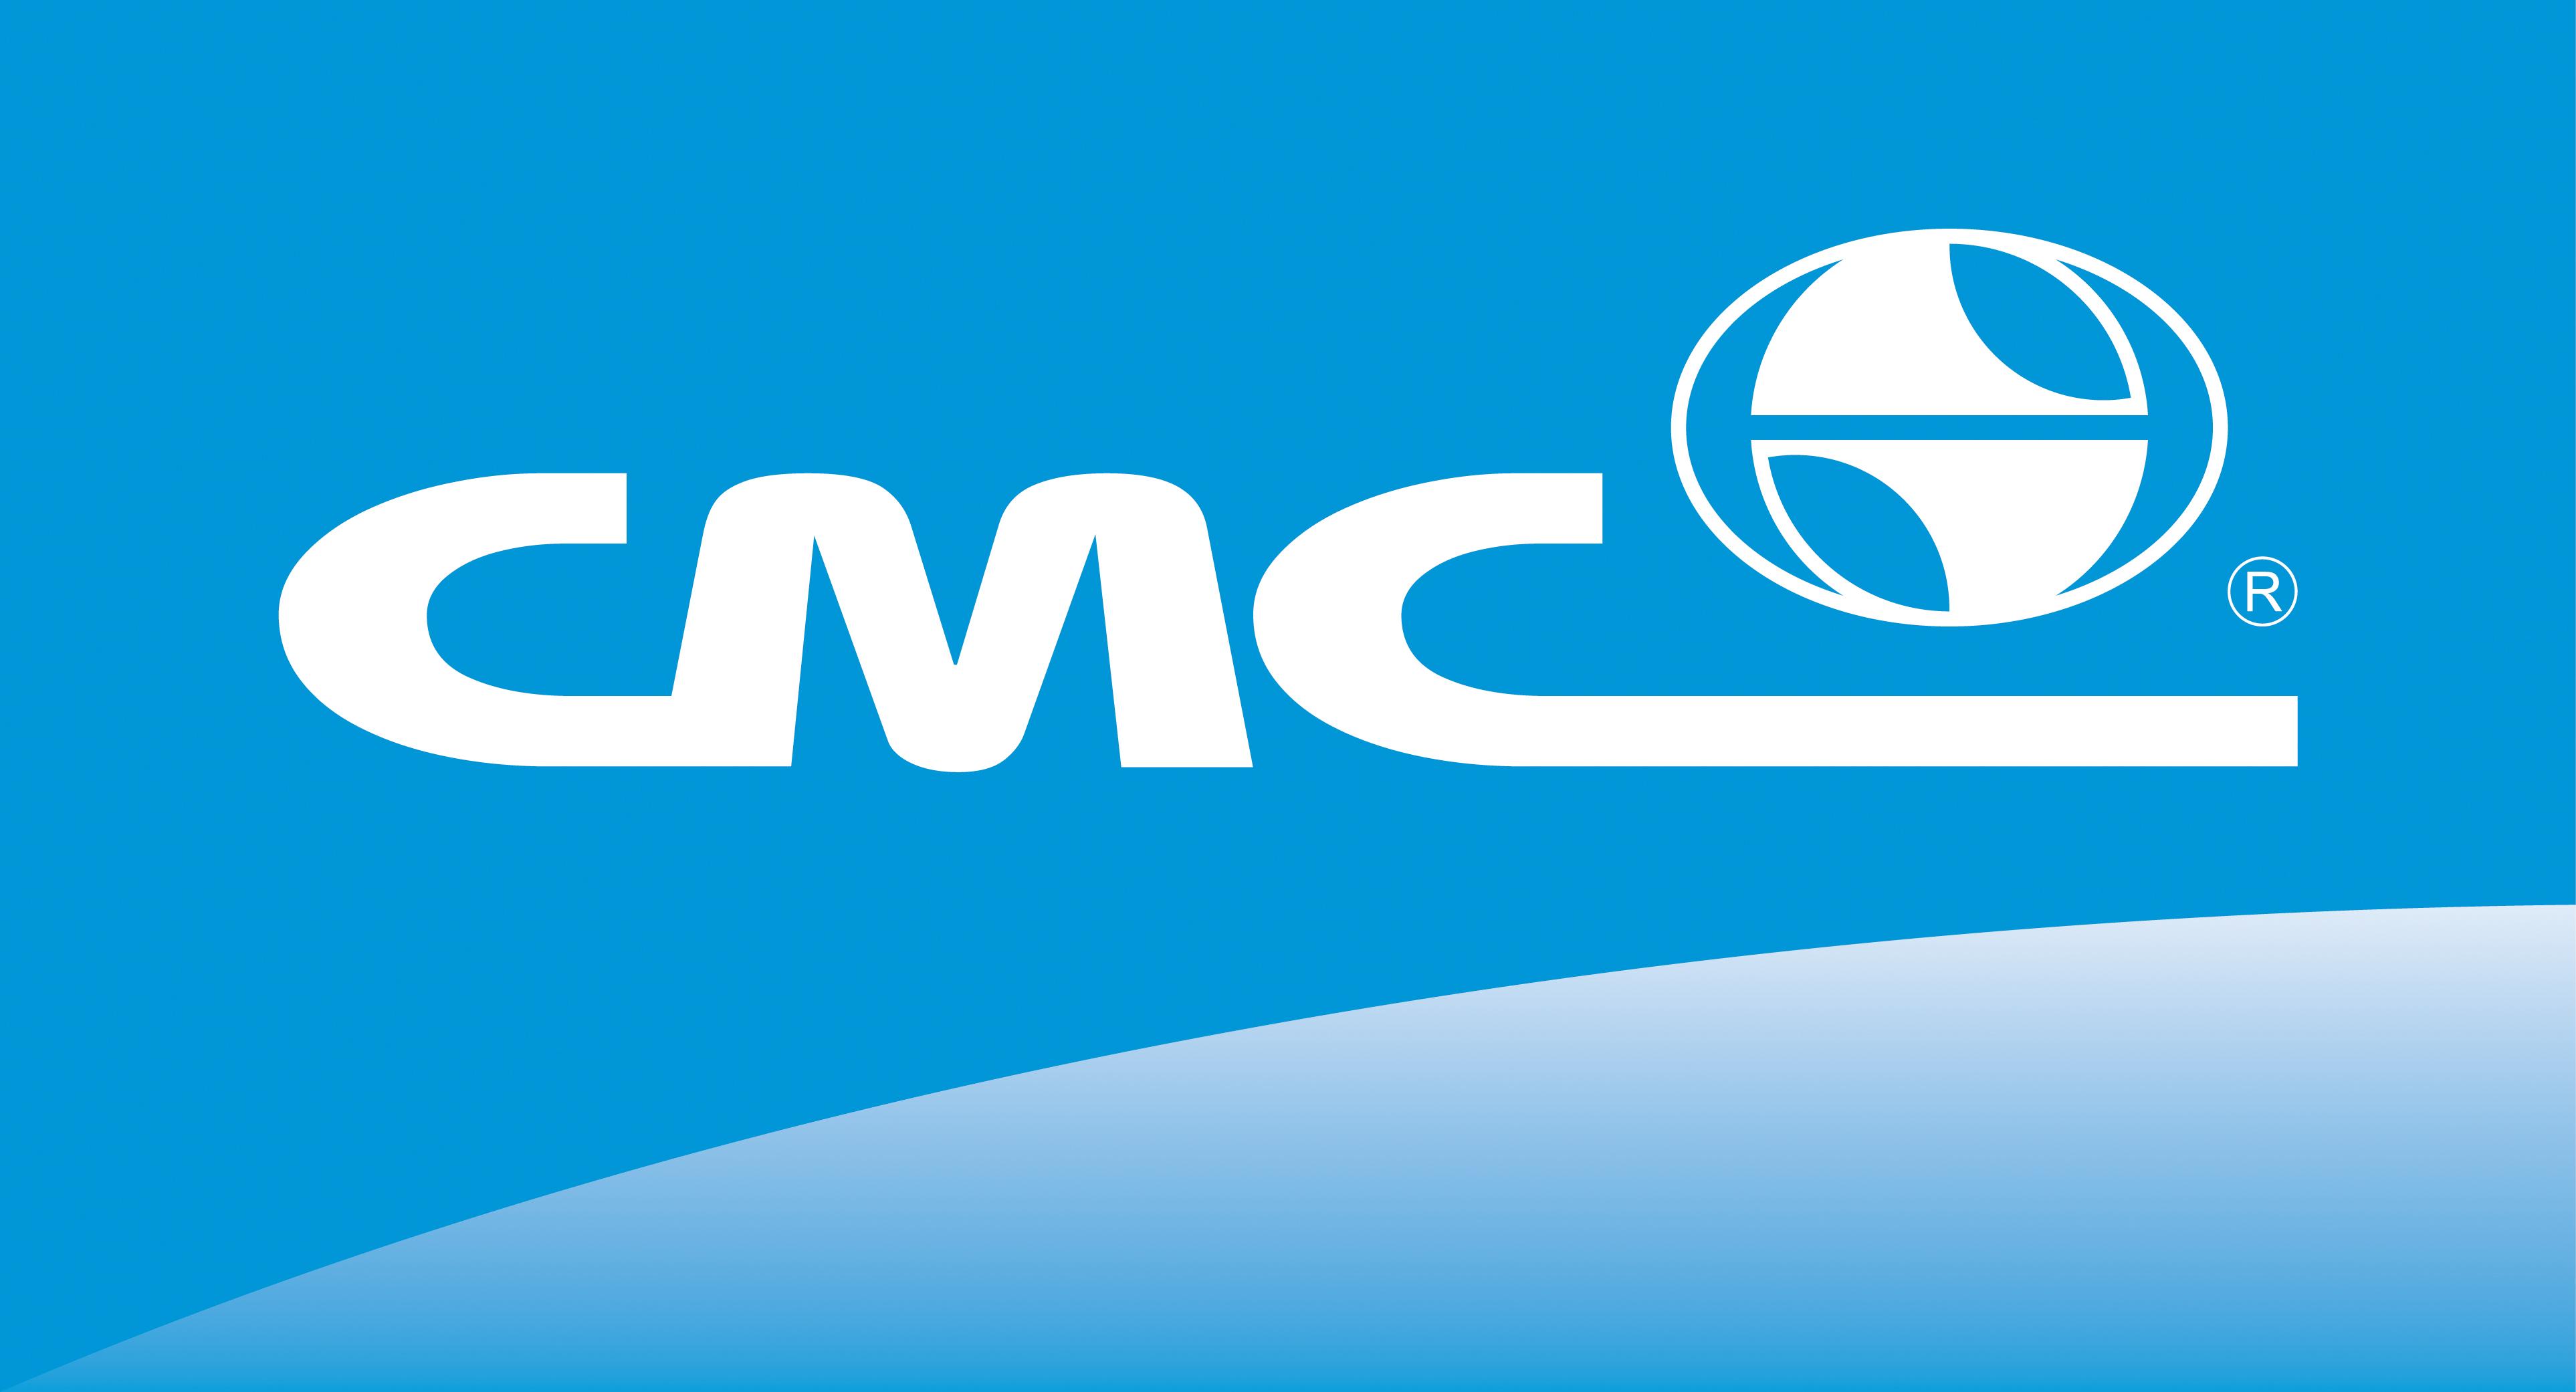 Kết quả hình ảnh cho CMC Corporation